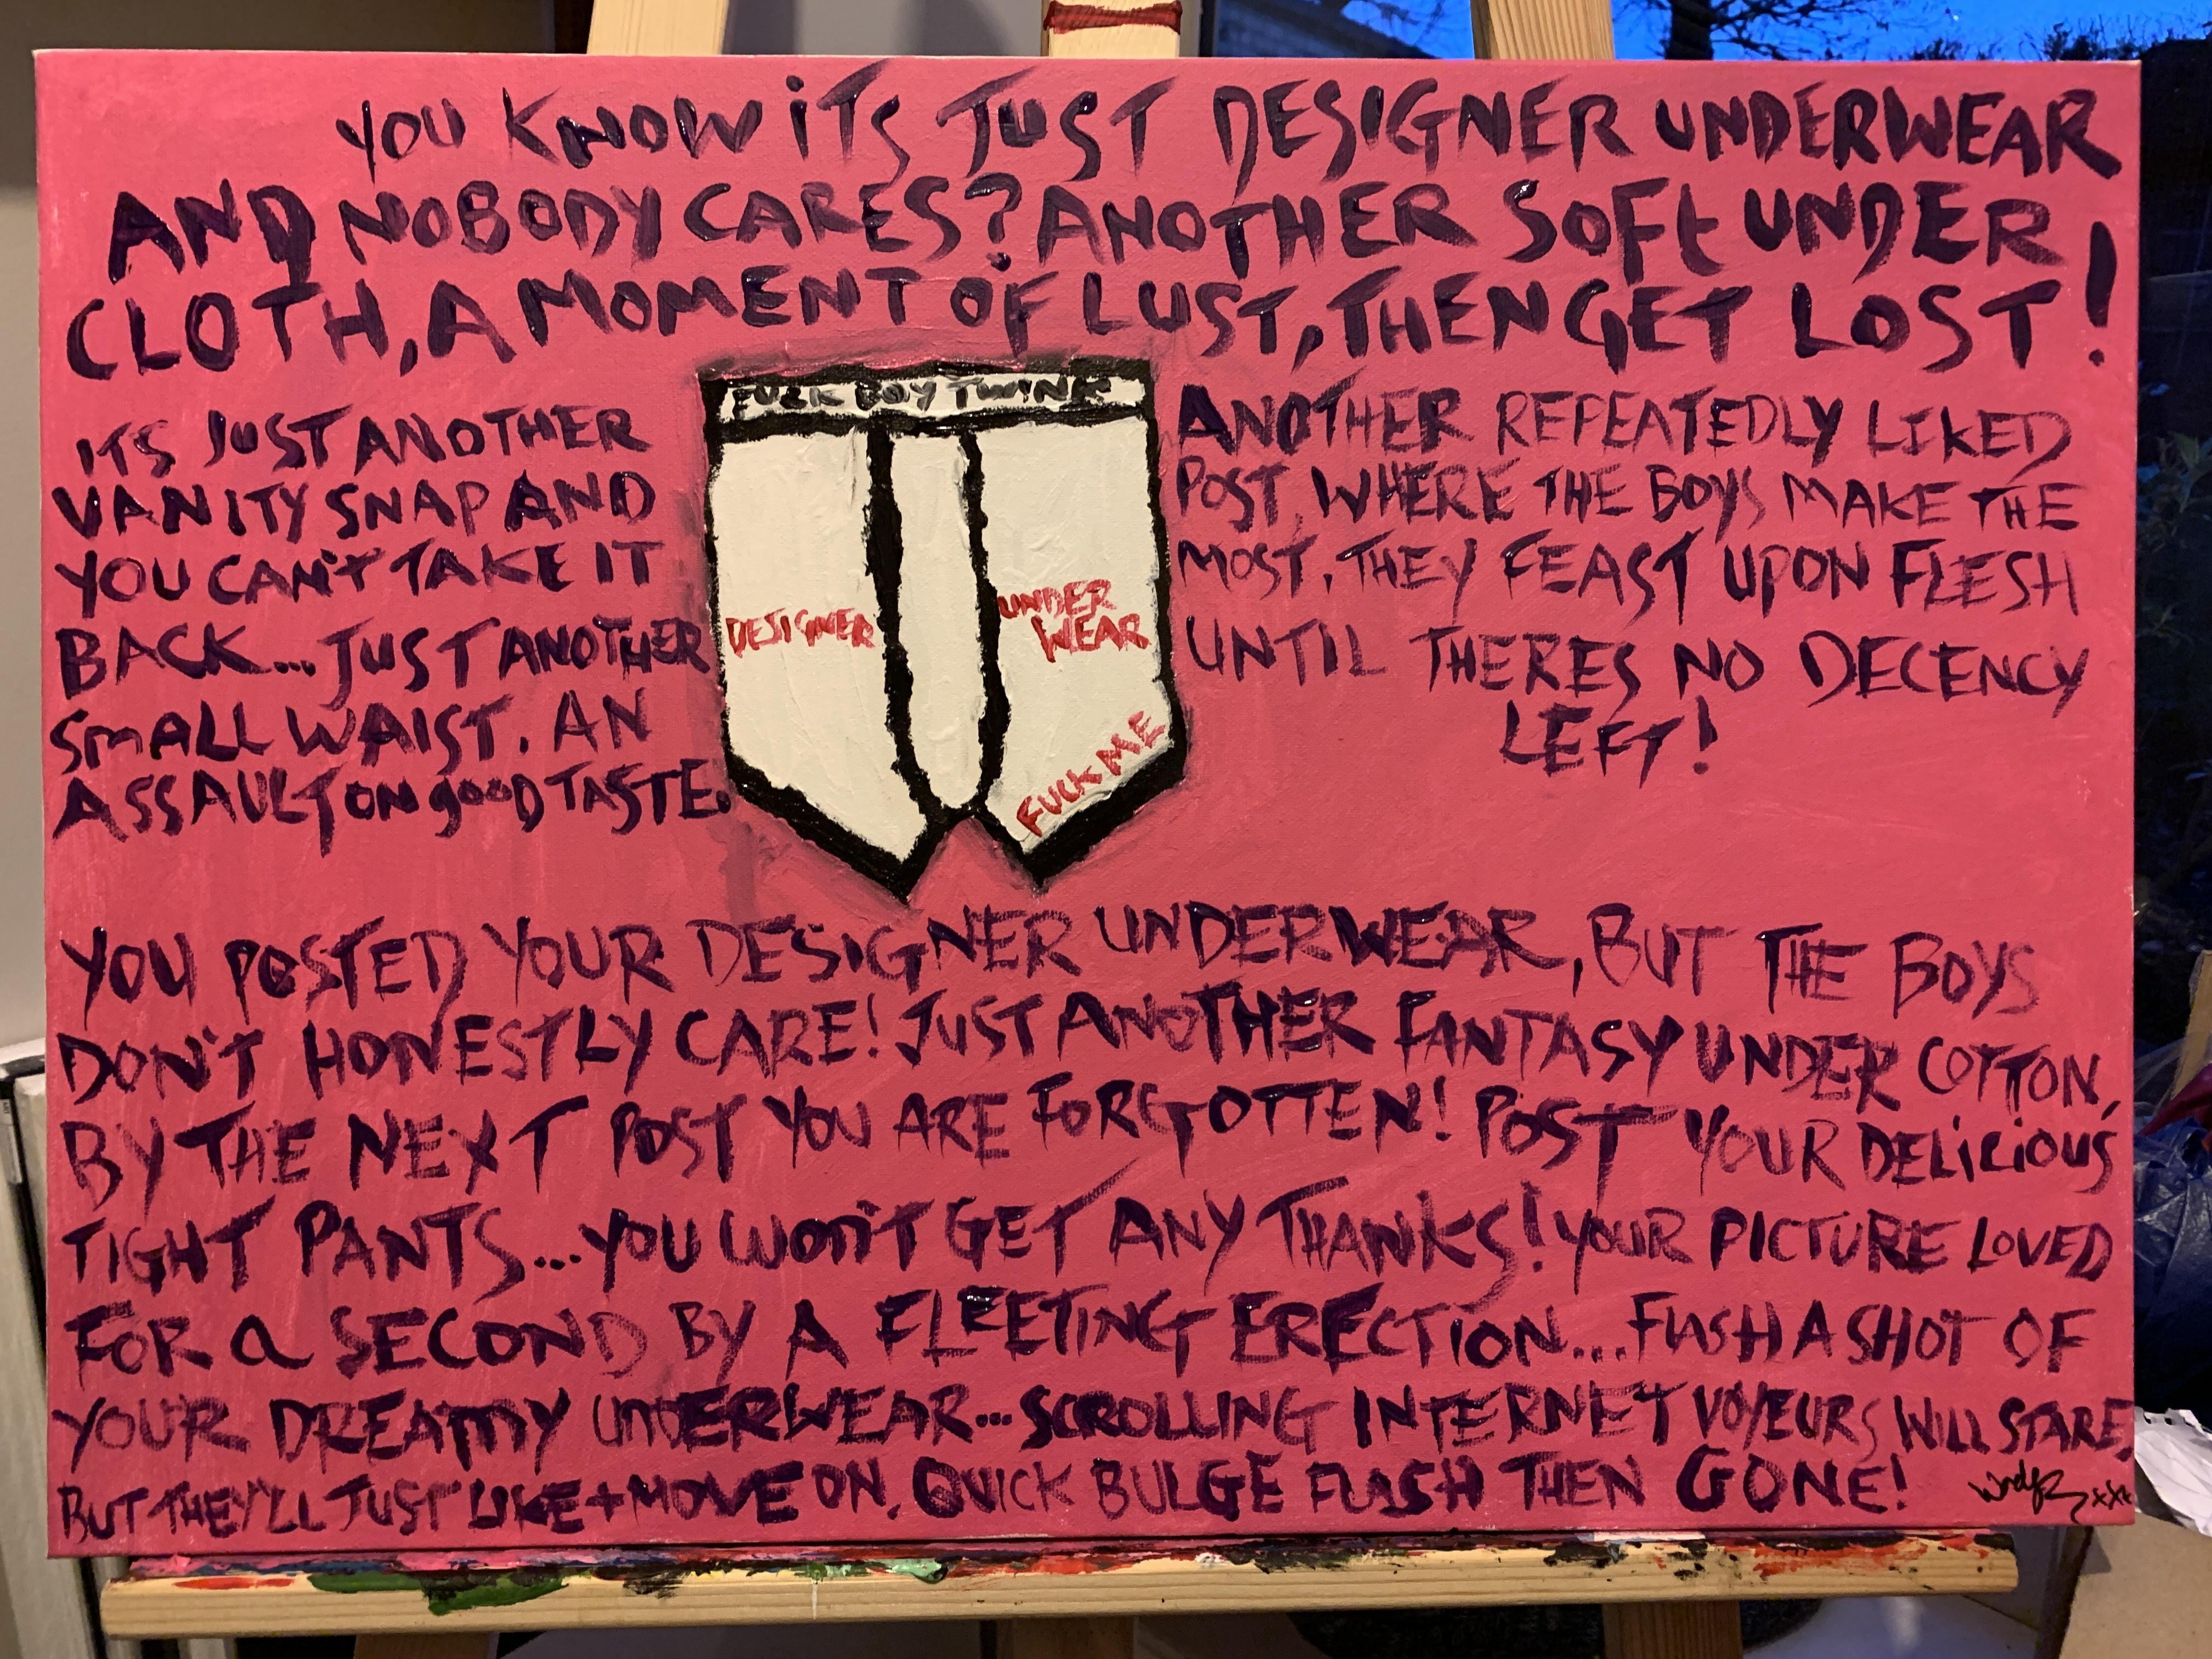 Designer Underwear